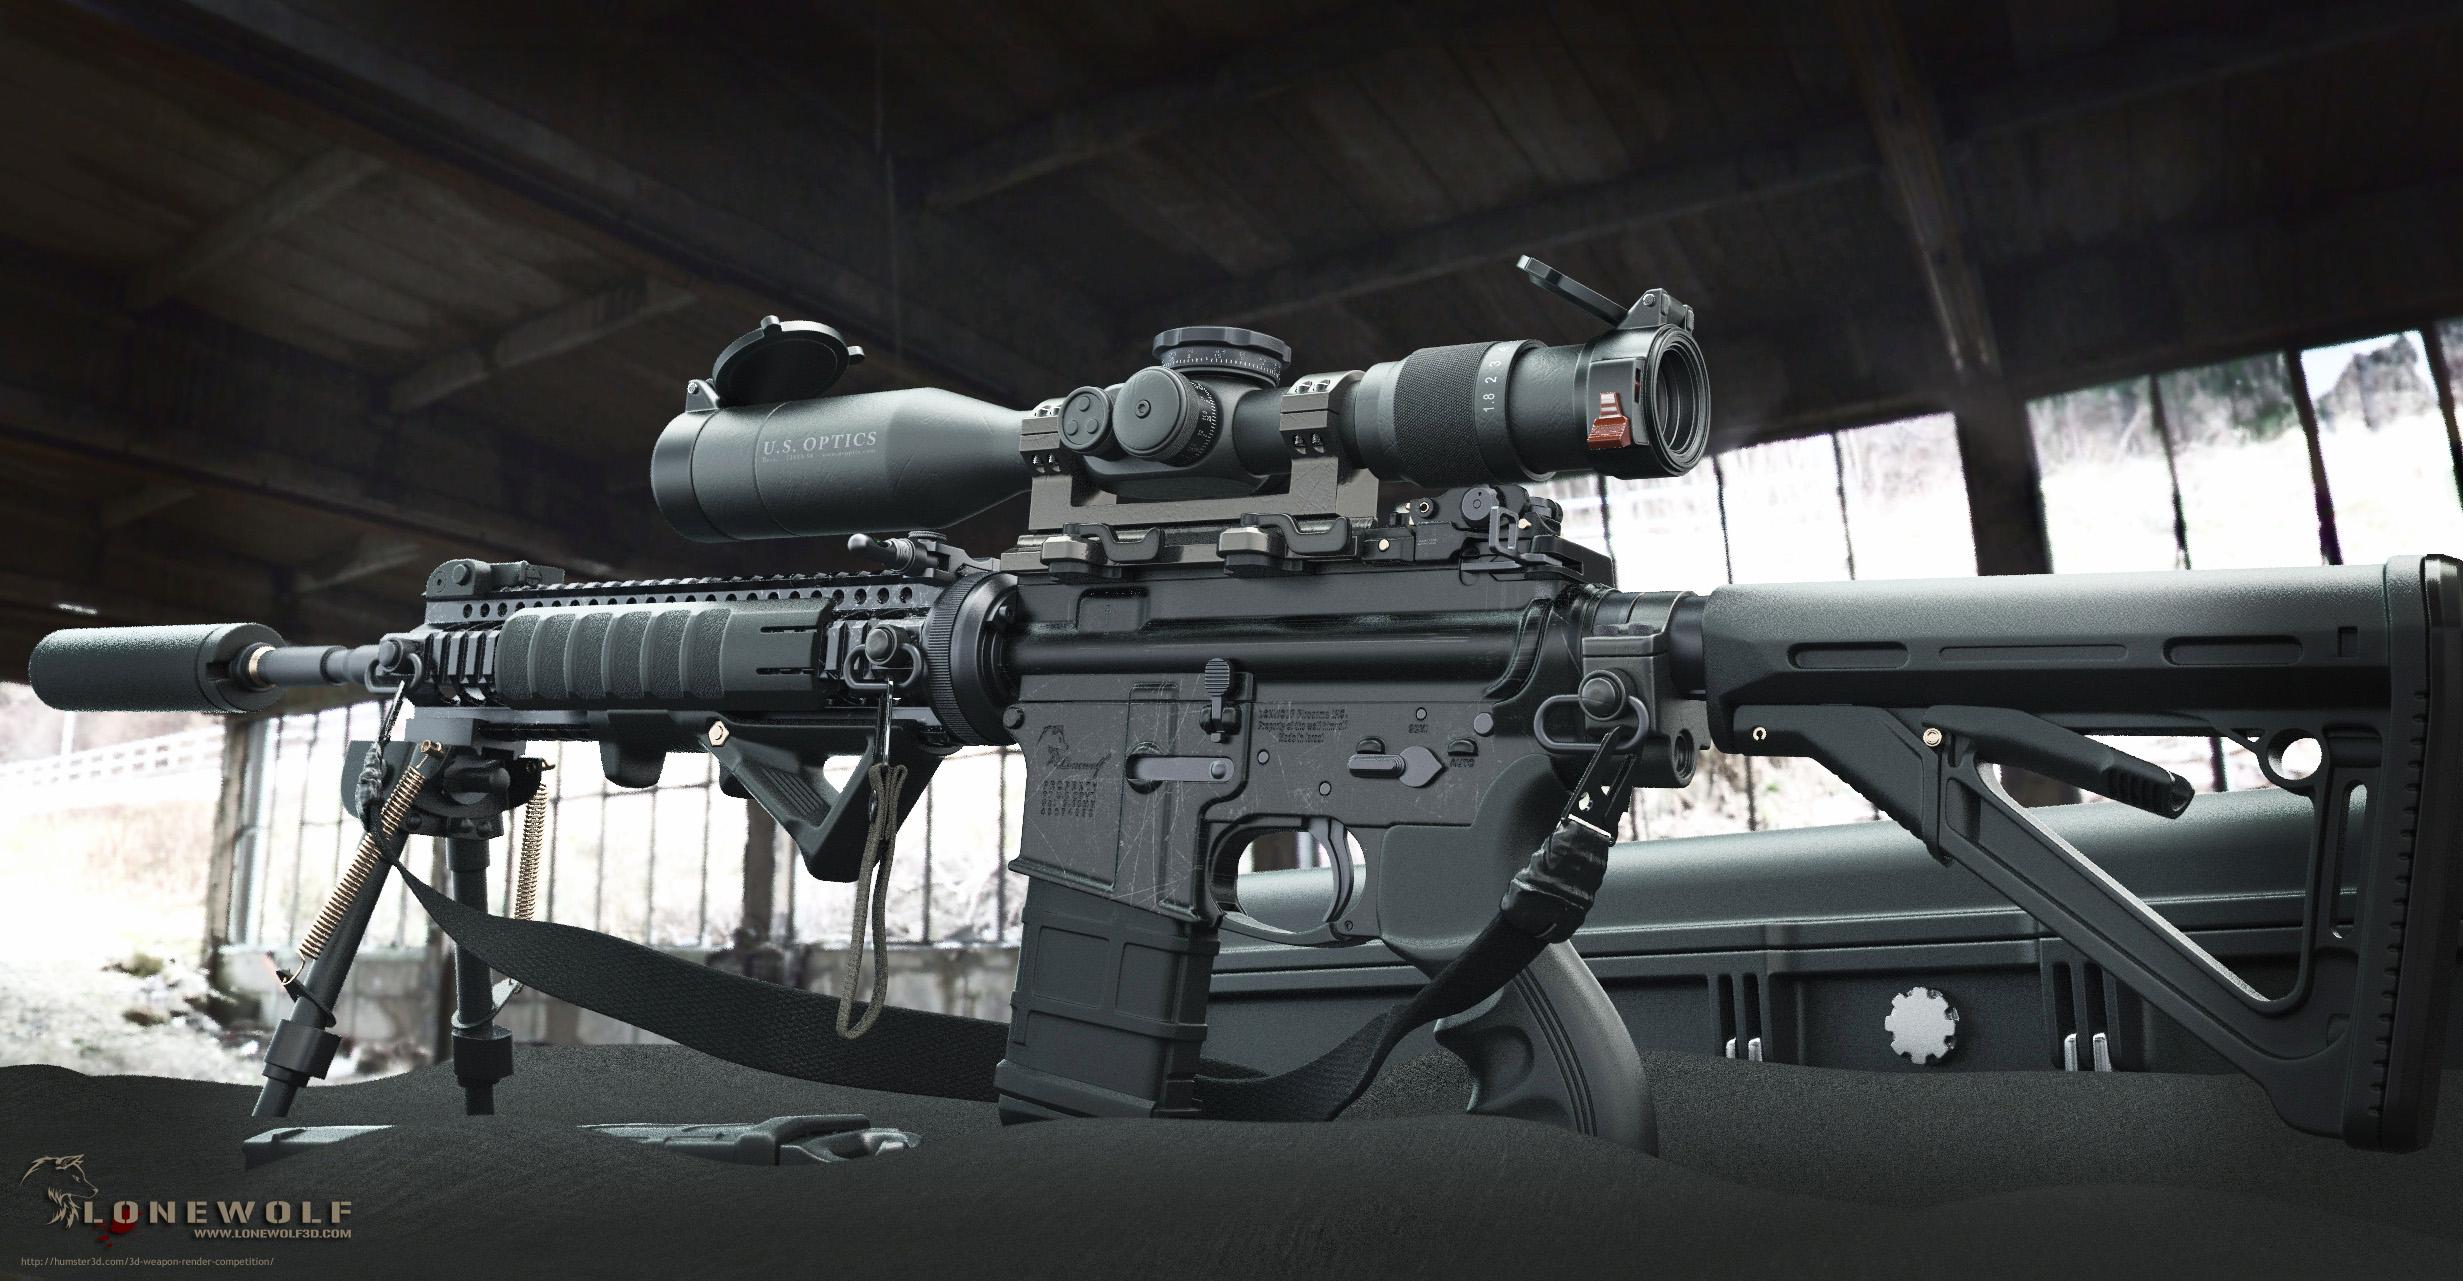 AR15 Sniper 3d art